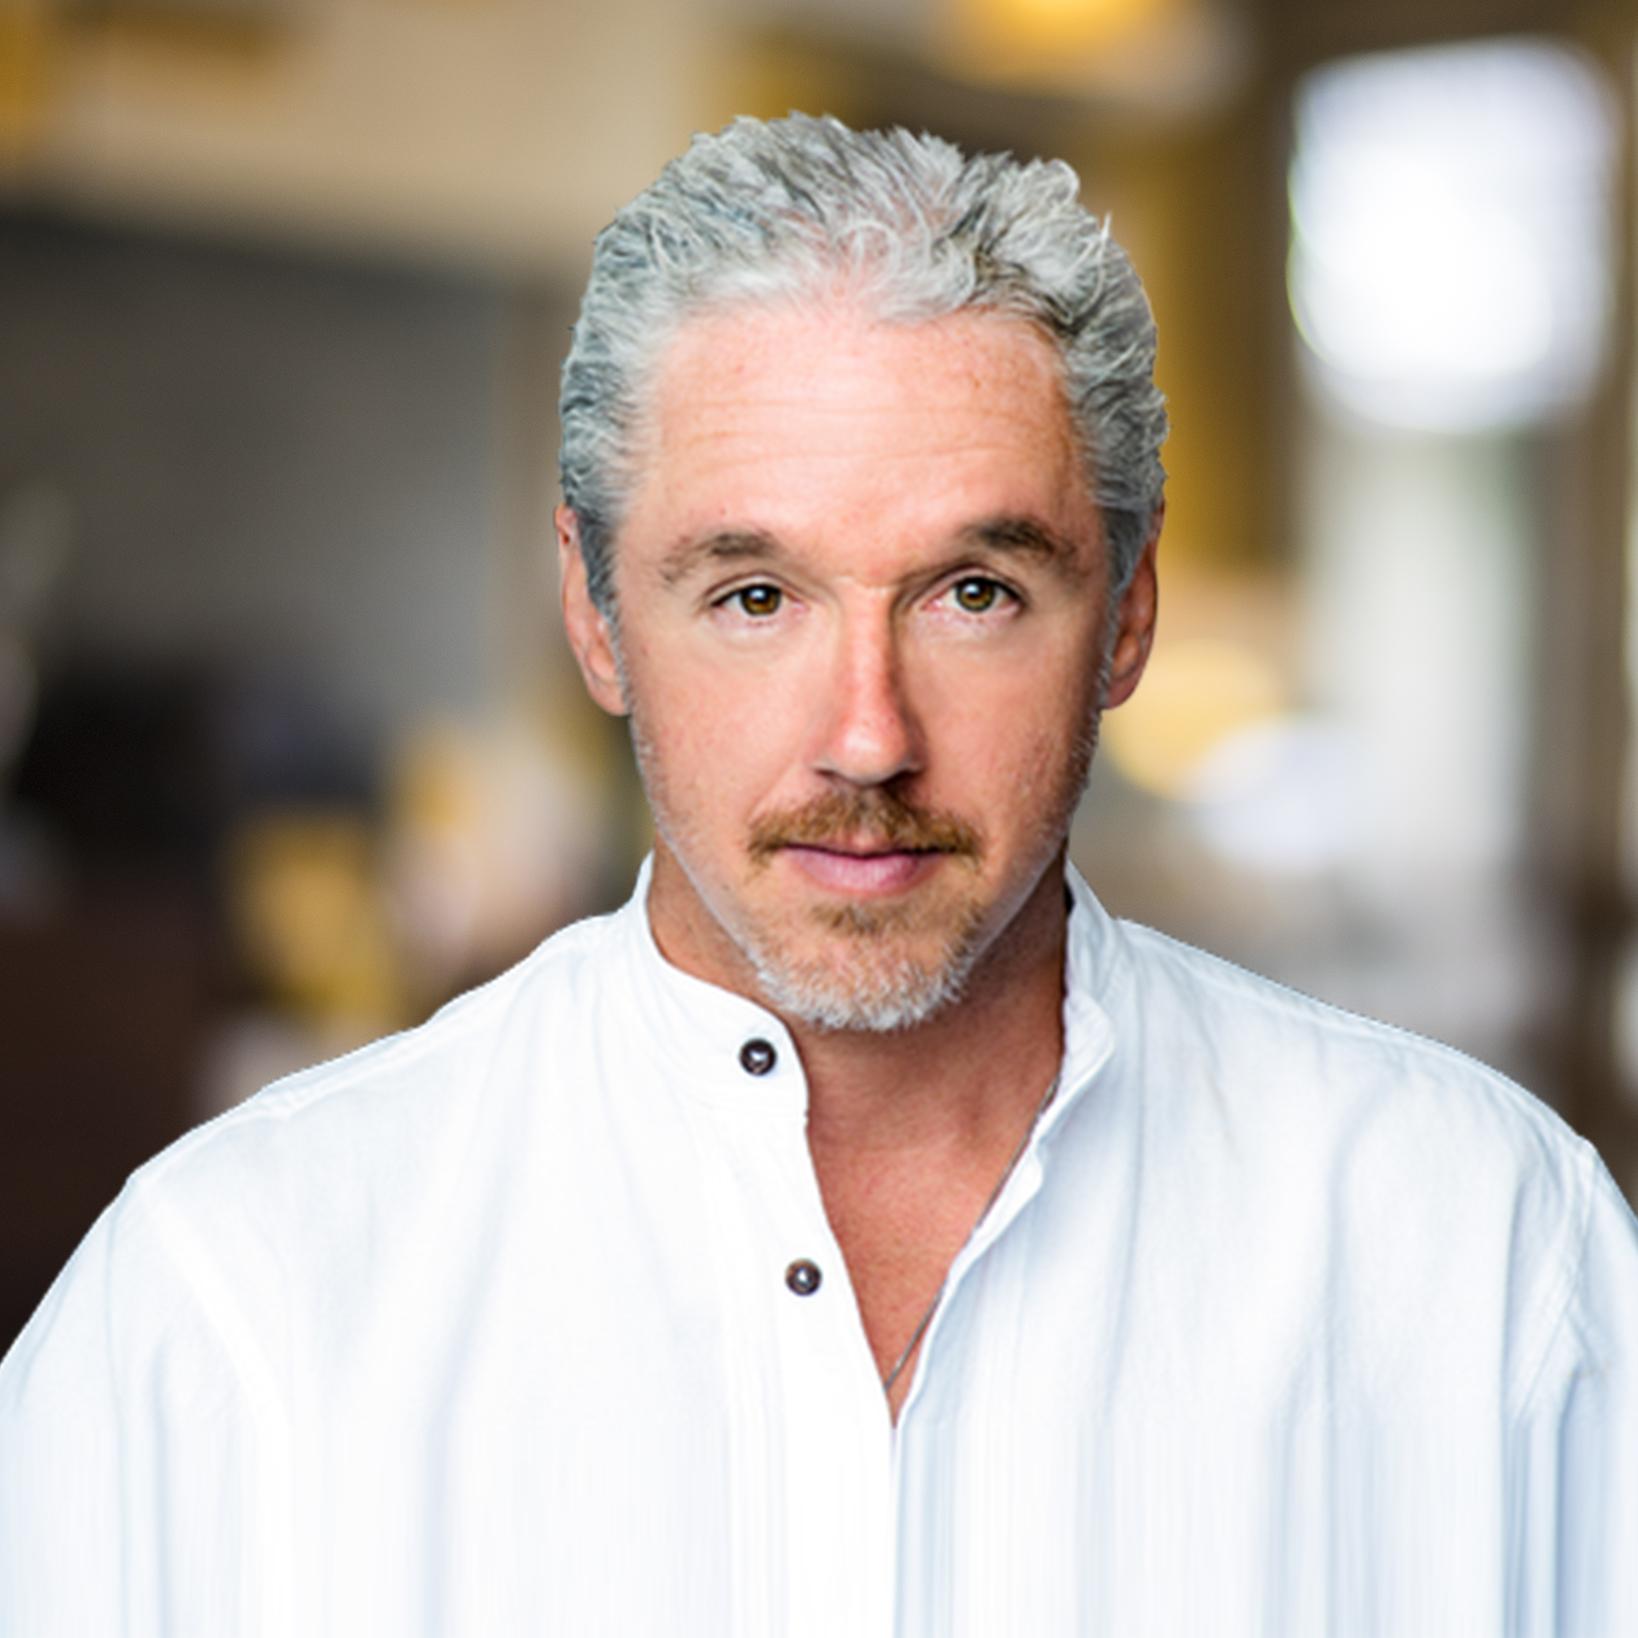 Brian D. Ridgway